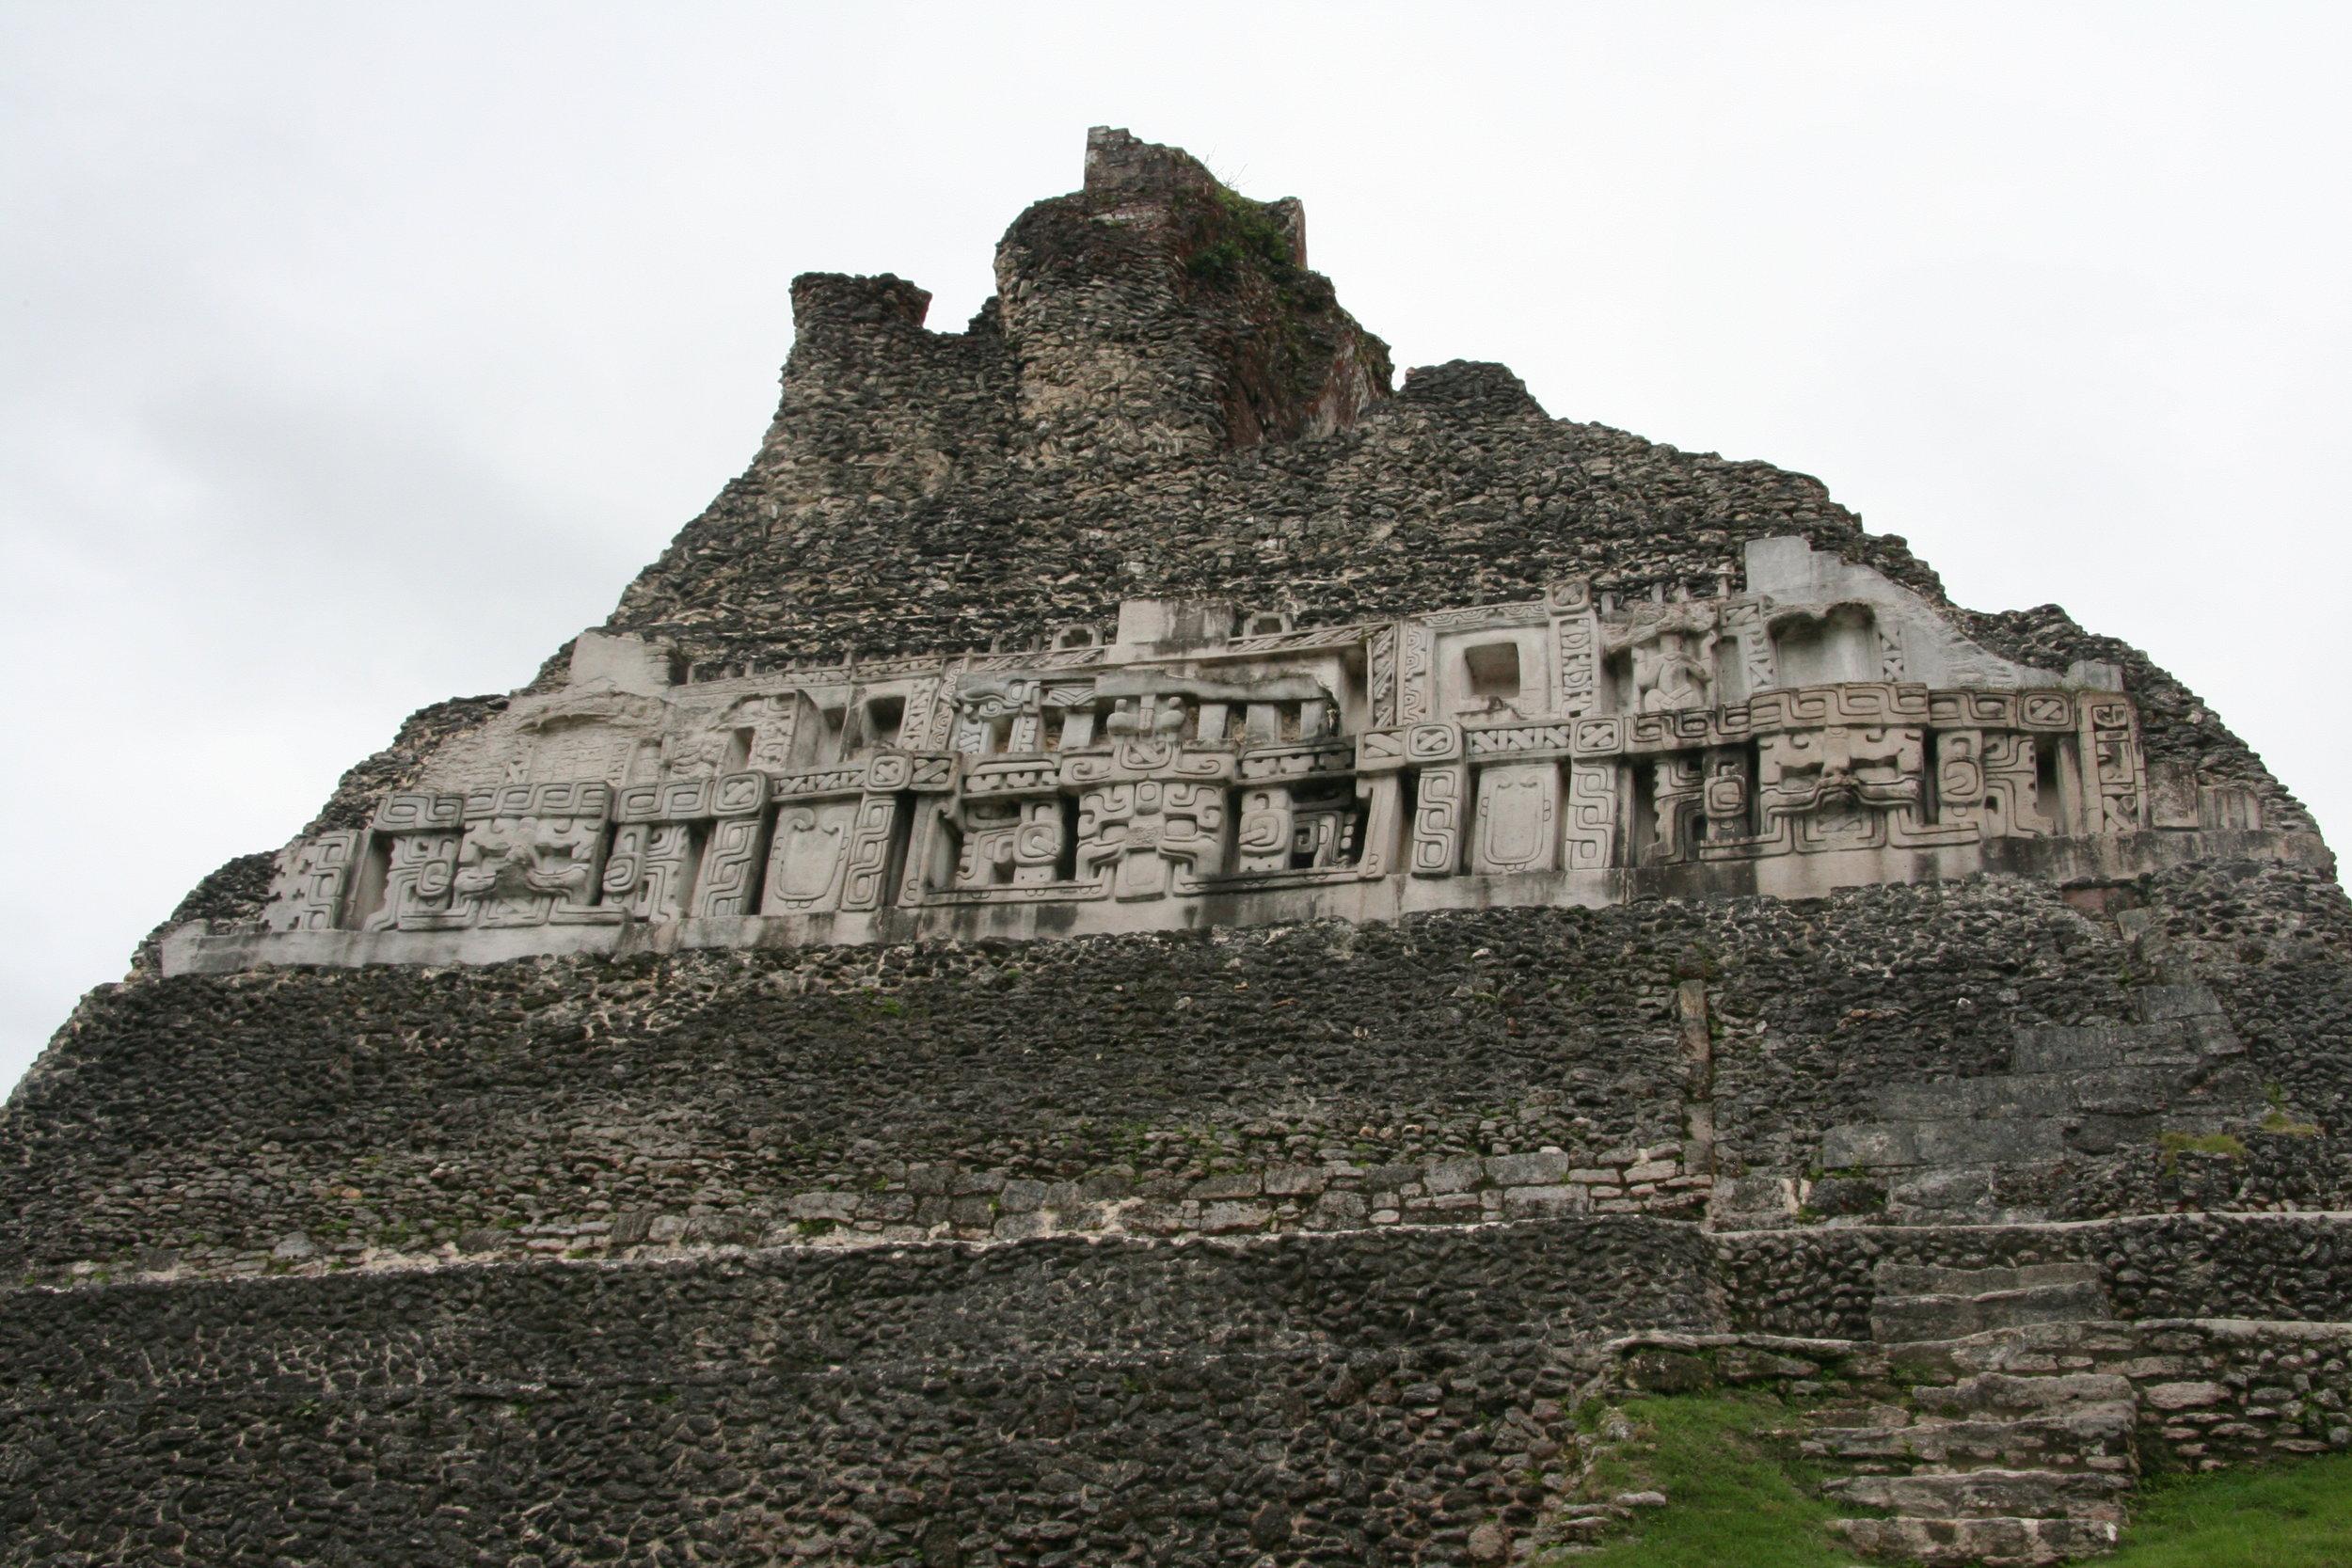 Xuanantunich Mayan Ruins